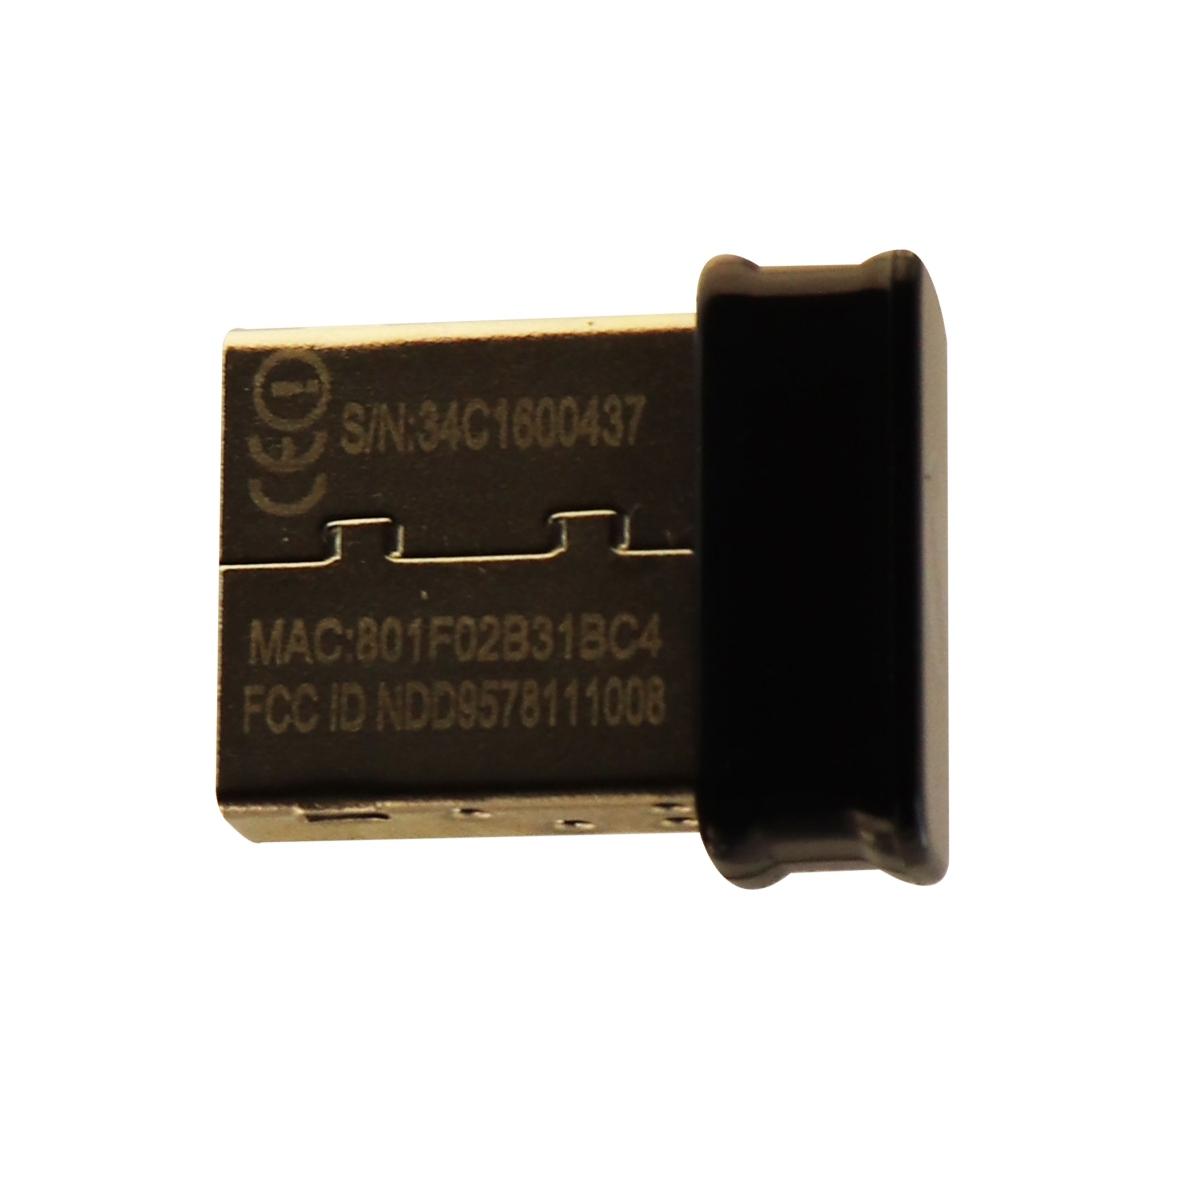 Intellinet  525336 150N Wireless Nano USB Adapter Supports Hi-Speed USB 2.0/1.1